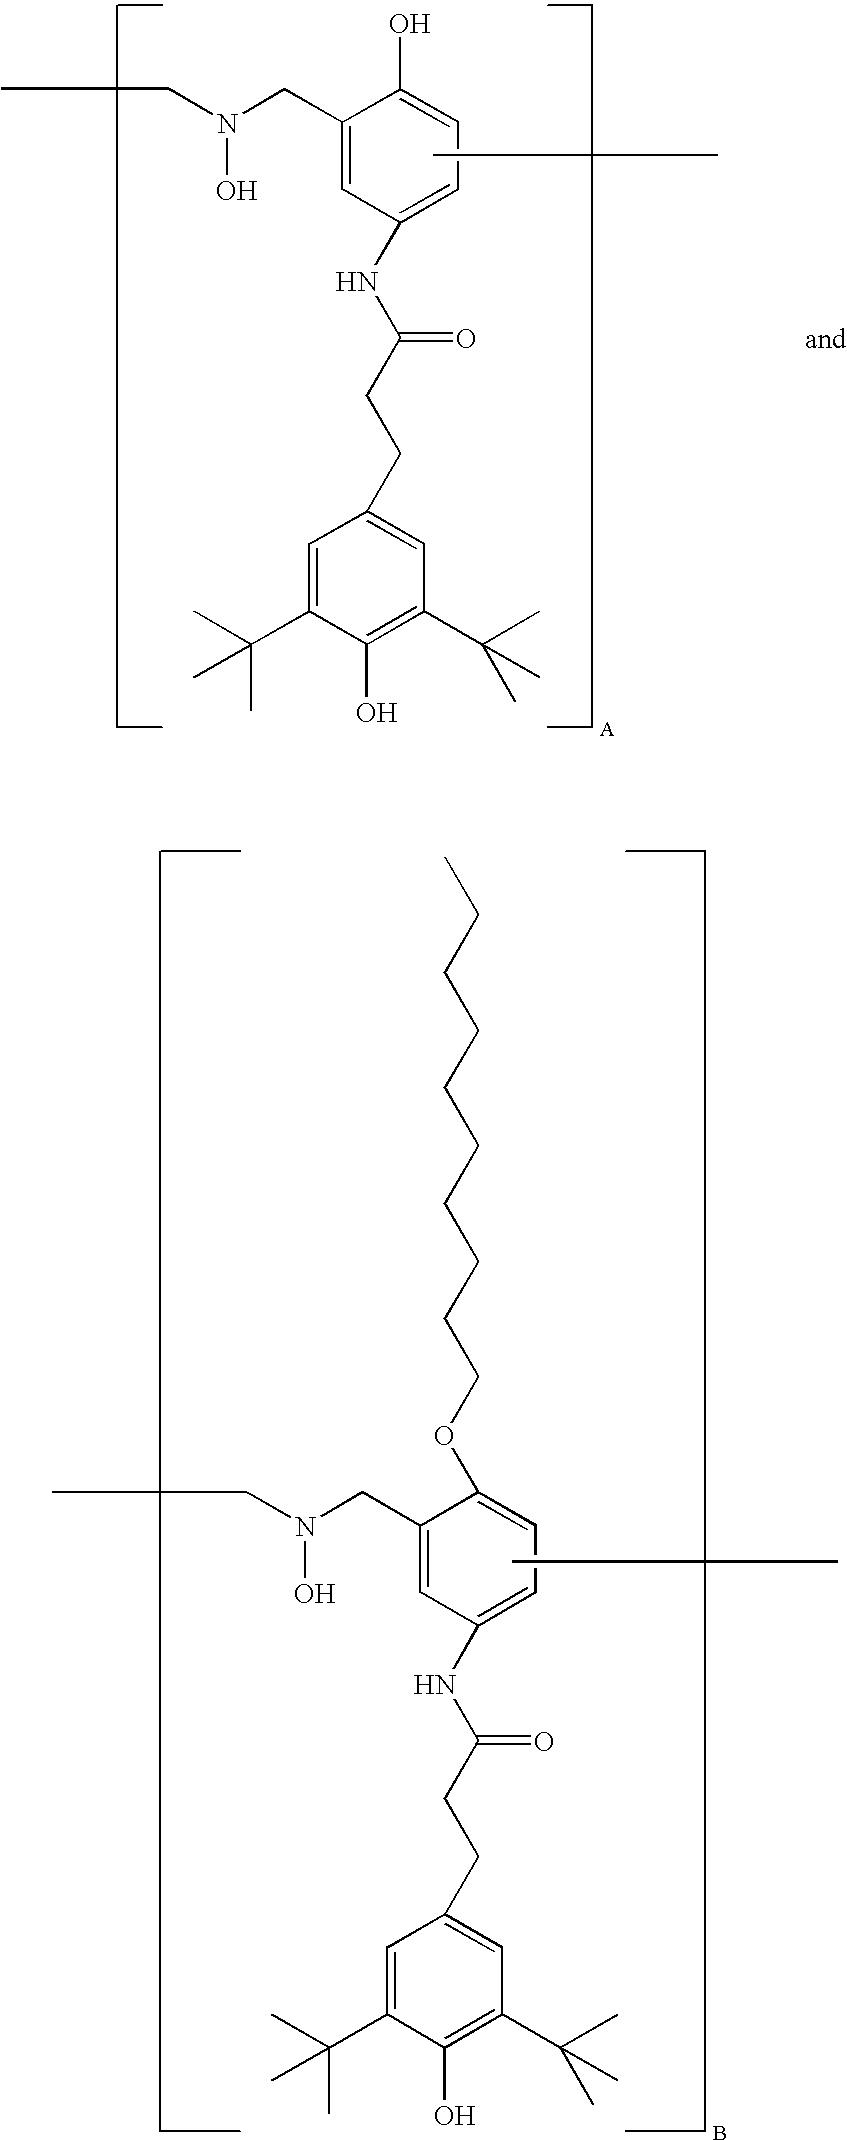 Figure US20060233741A1-20061019-C00081